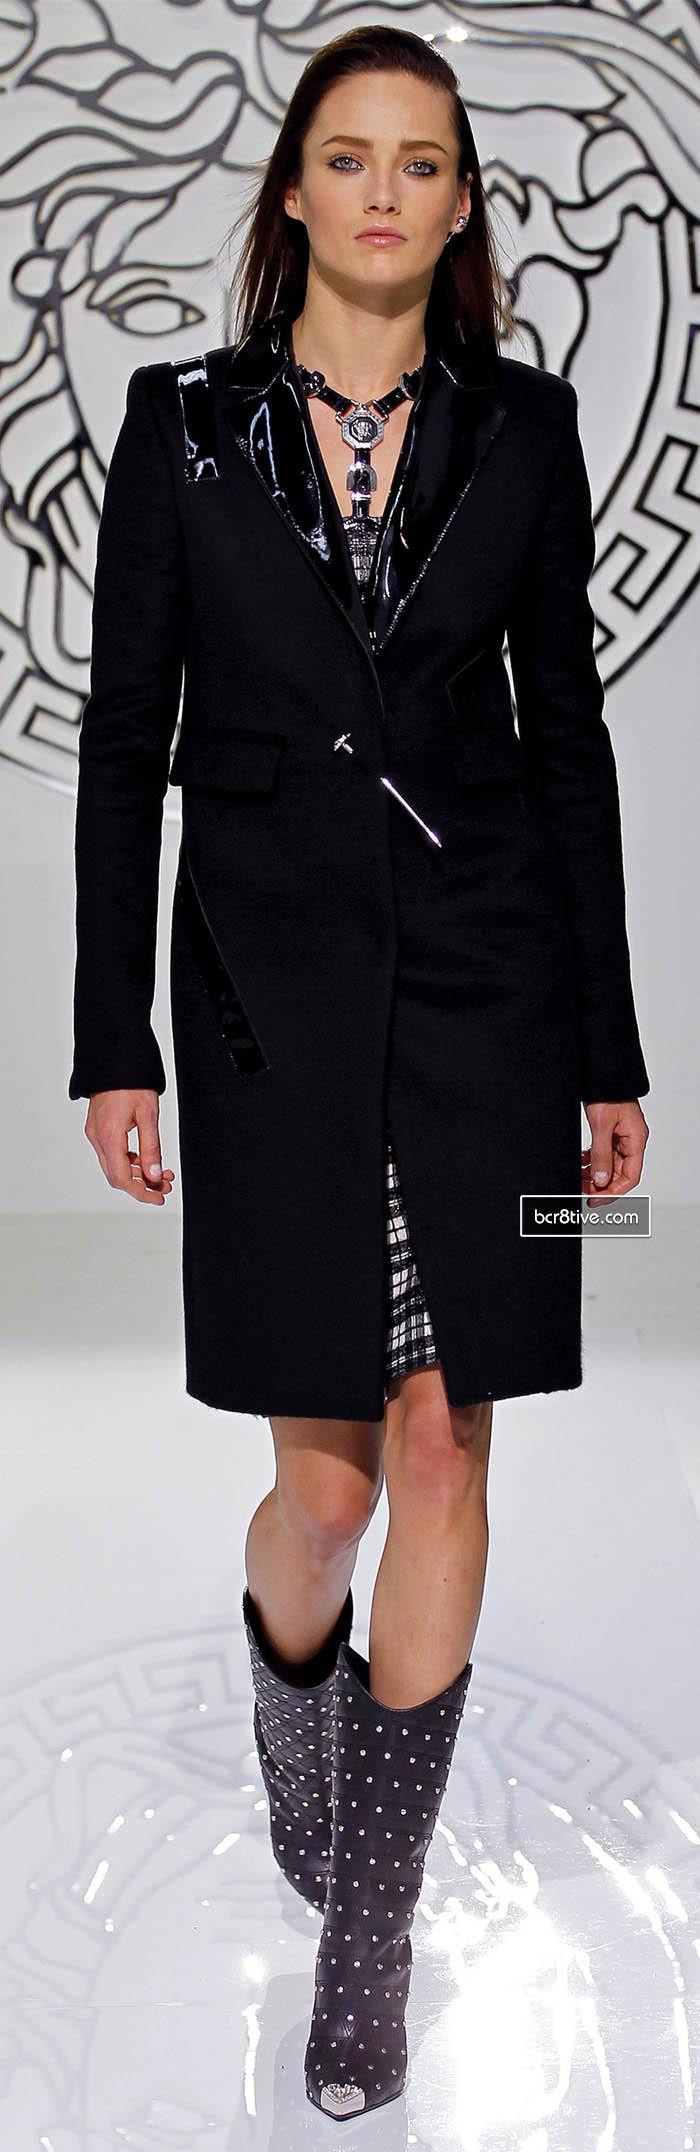 Versace FW 2013-14